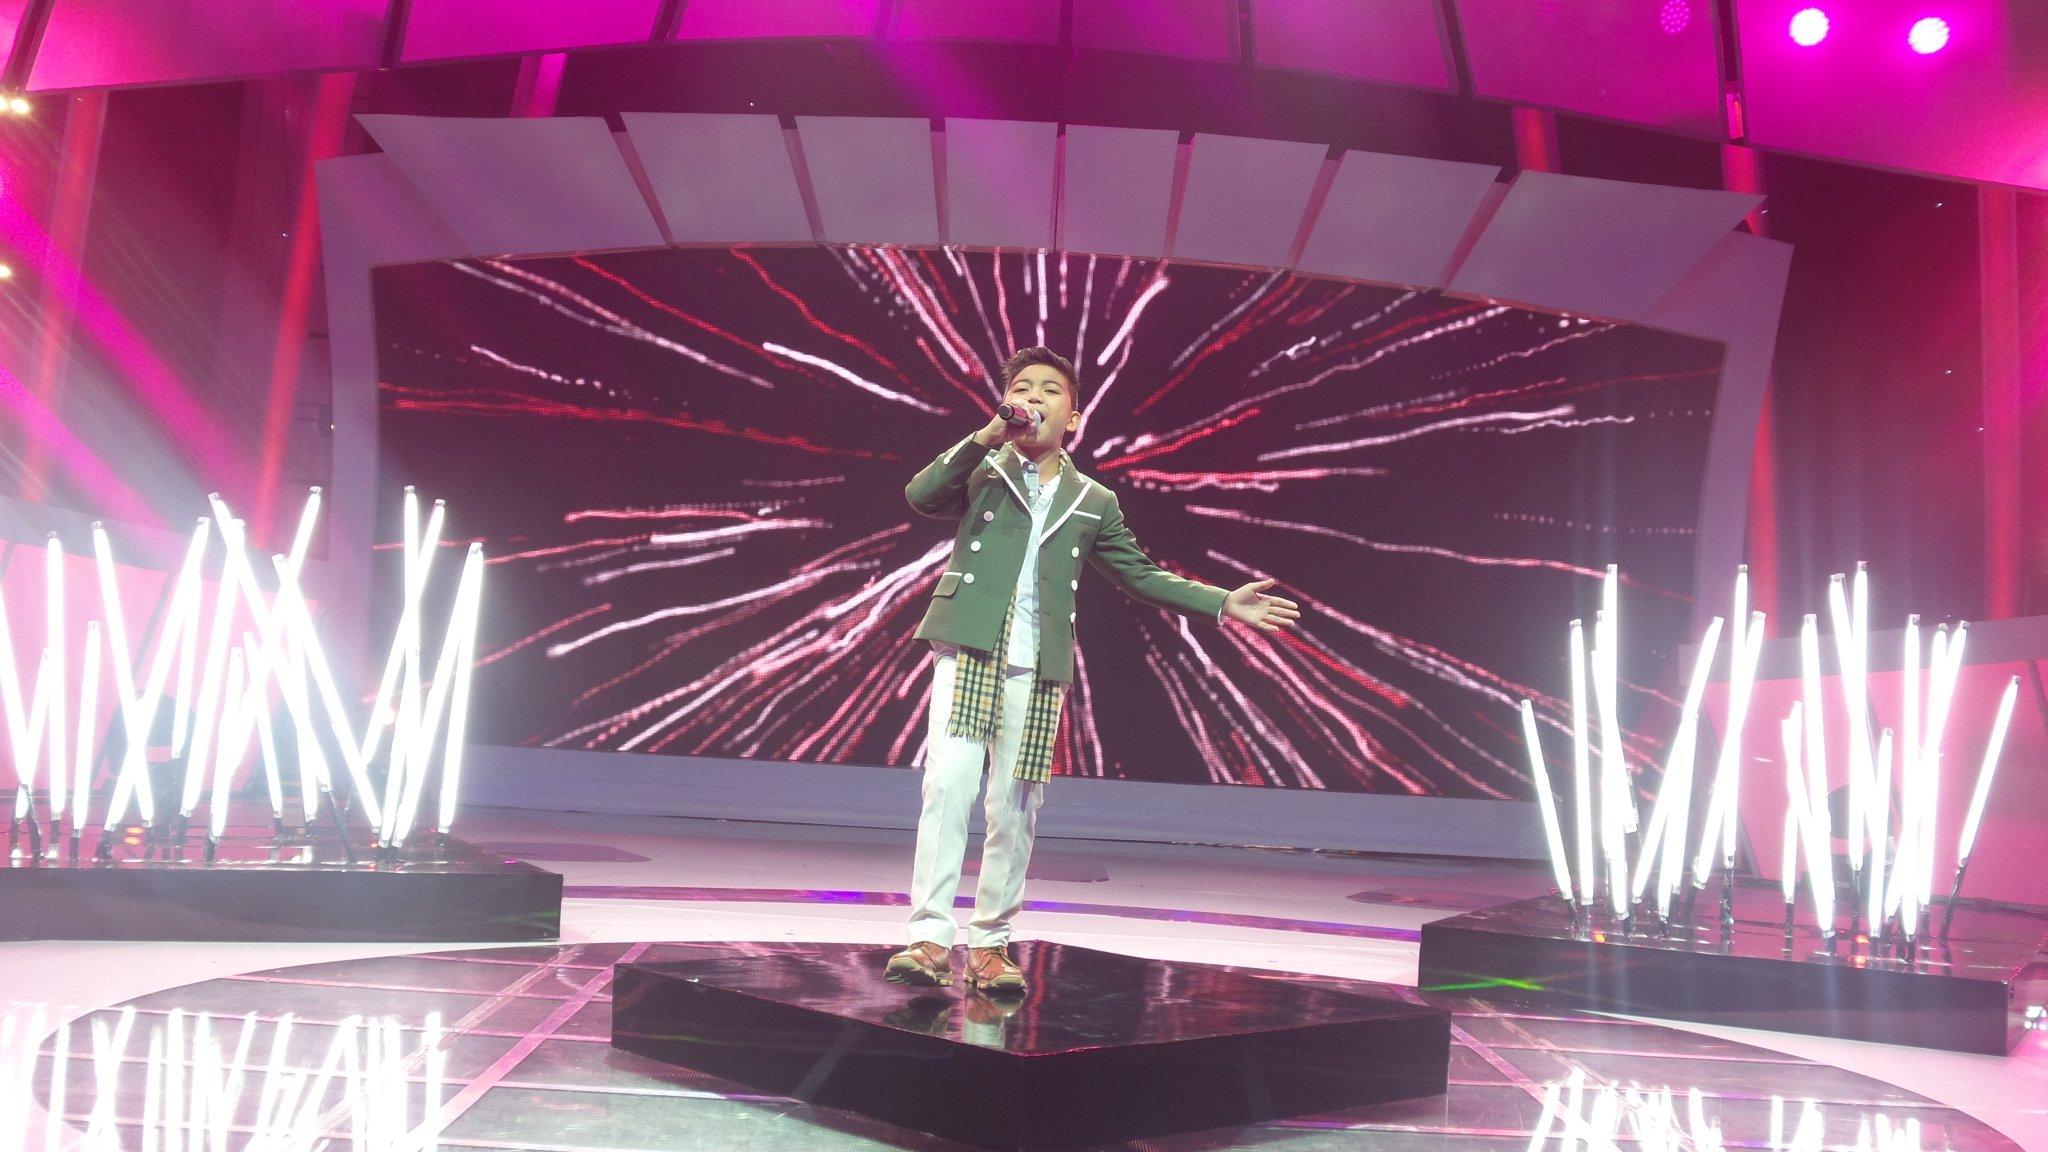 Sayap sayap patah di bawakan dgn enjoy bgt oleh @AyiIdolJr #IdolJrDuetStar @Official_MNCTV https://t.co/iBaMJneMqk